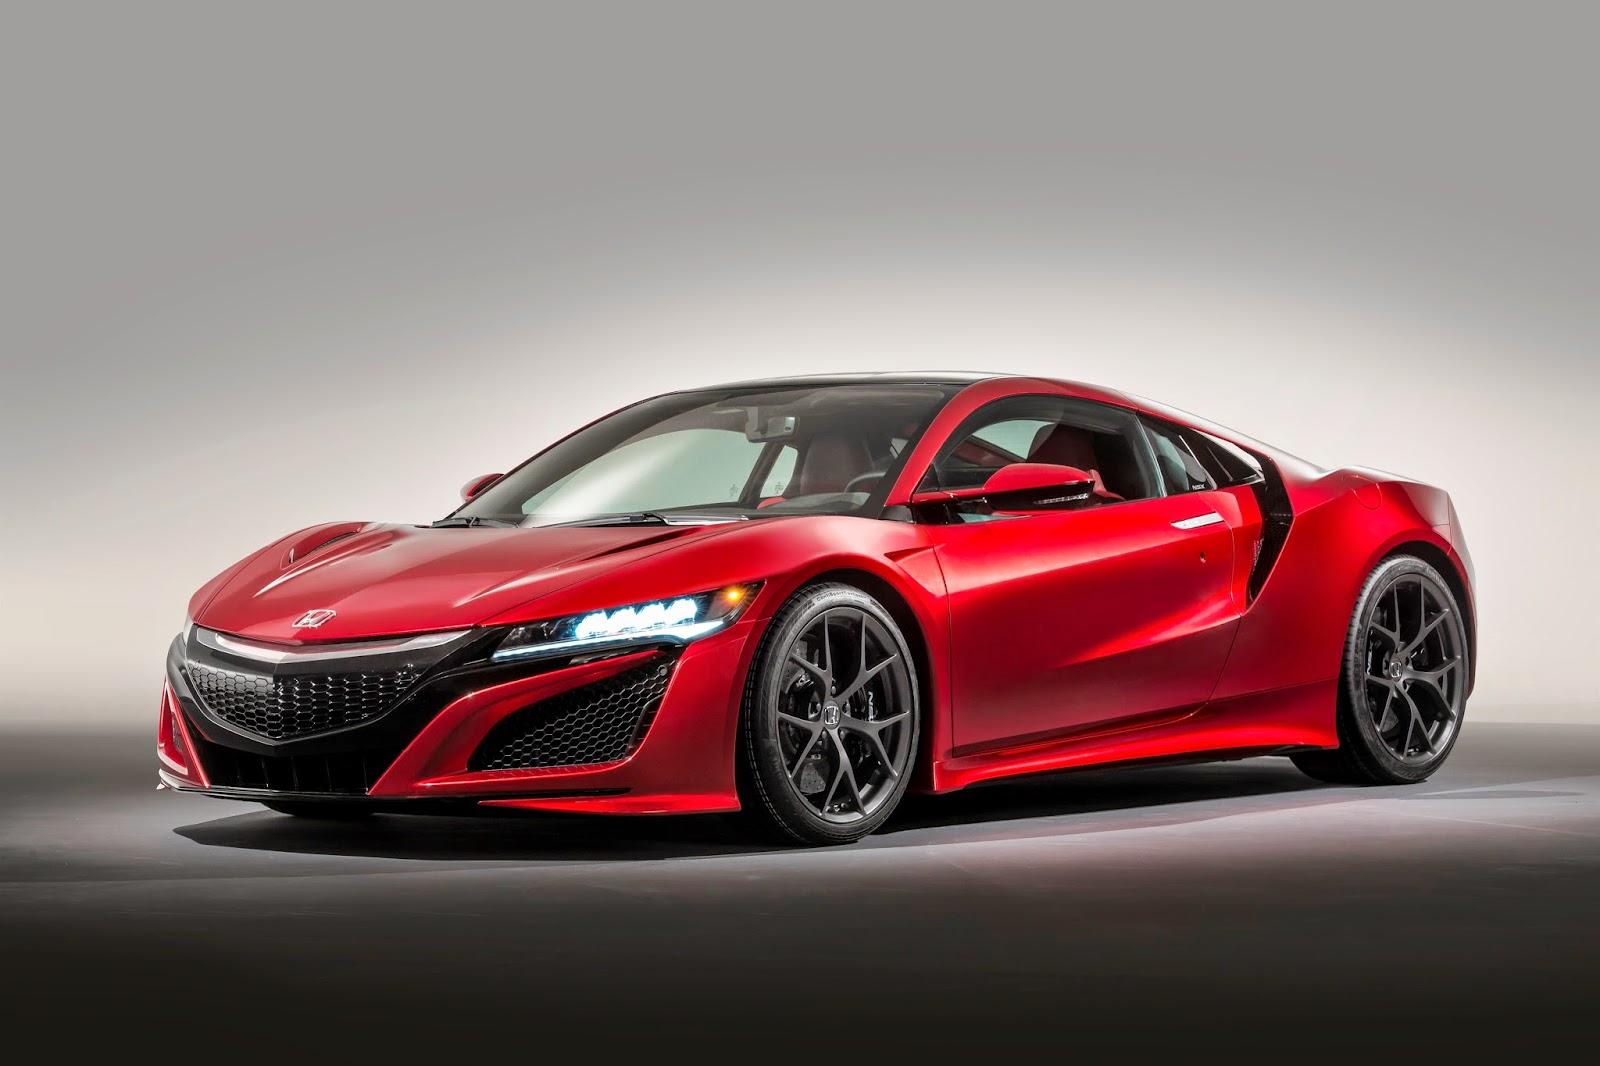 Νέες πληροφορίες για τις καινοτόμες τεχνολογίες κινητήρων, αμαξώματος και παραγωγής ισχυροποιούν το NSX στη θέση ενός παγκόσμιου supercar